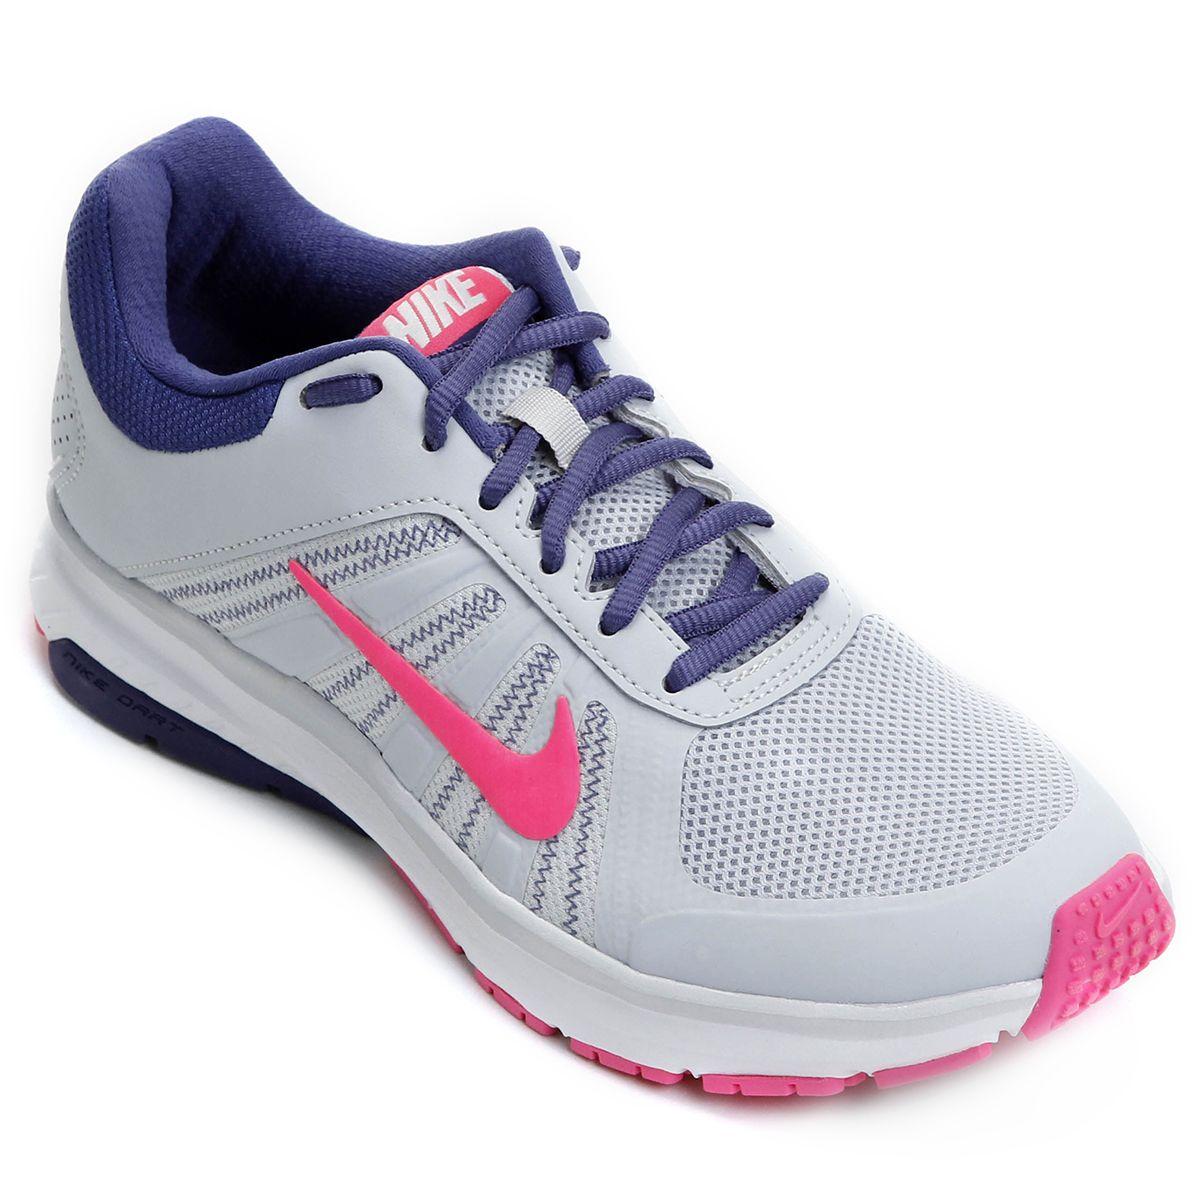 Tênis Nike Dart 12 MSL Feminino - Cinza e Rosa  7eda48e3861